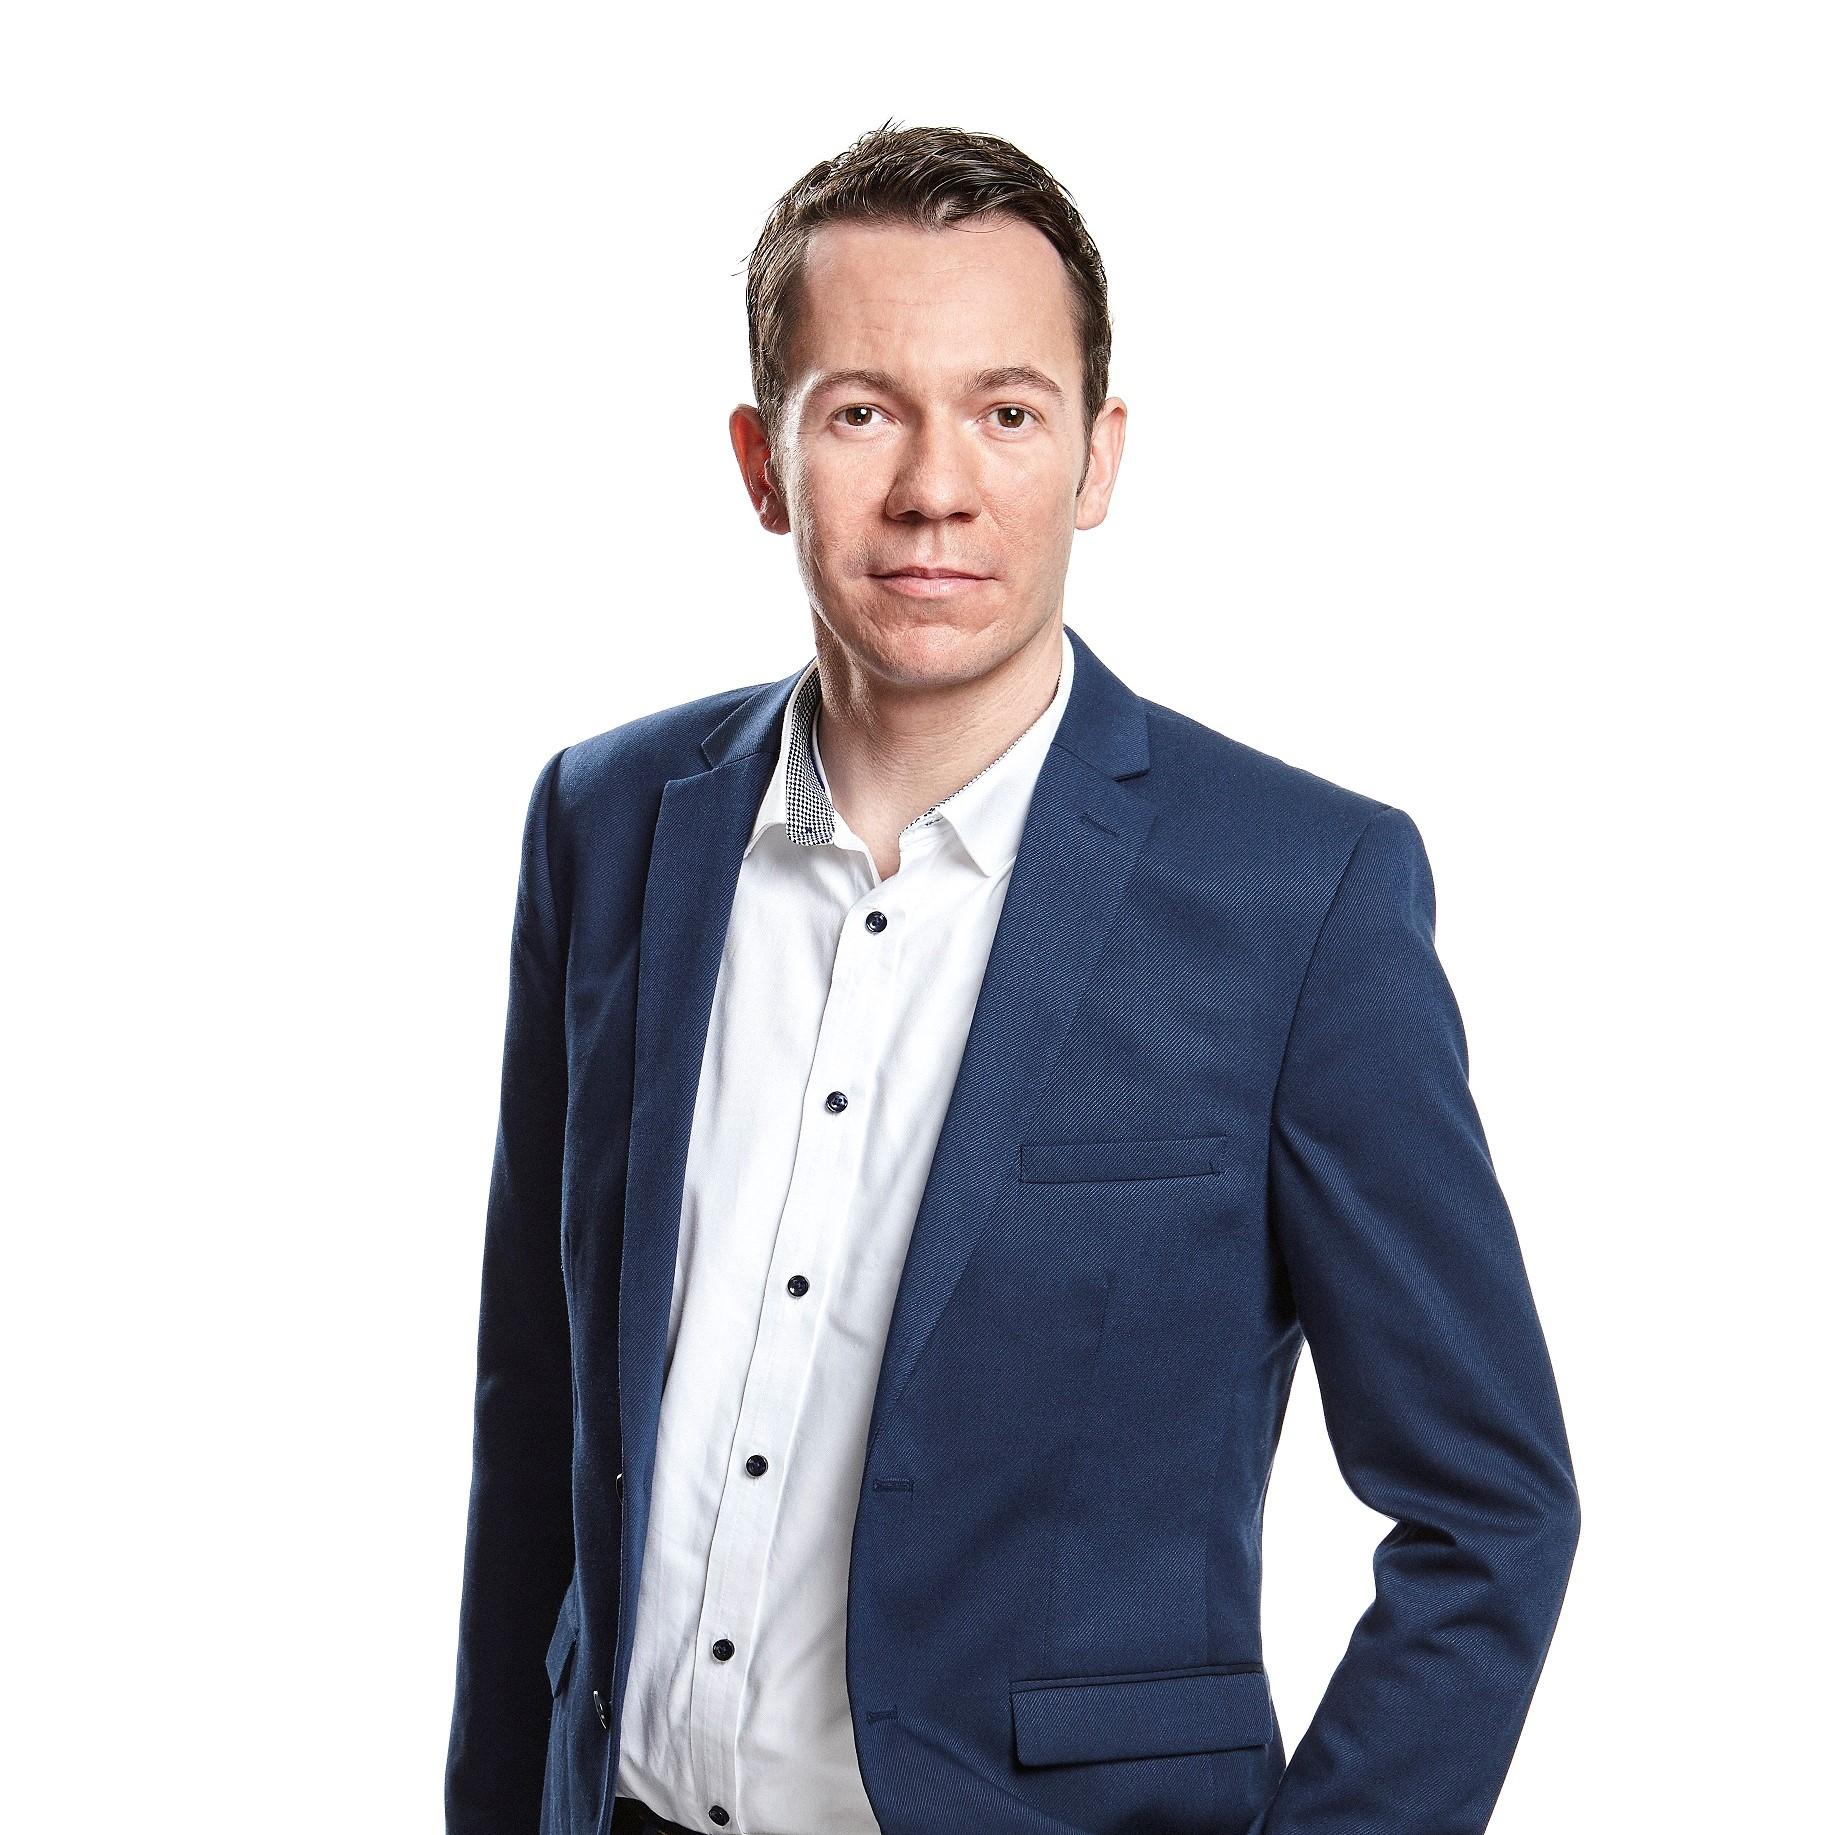 Dr. Jan Melchior